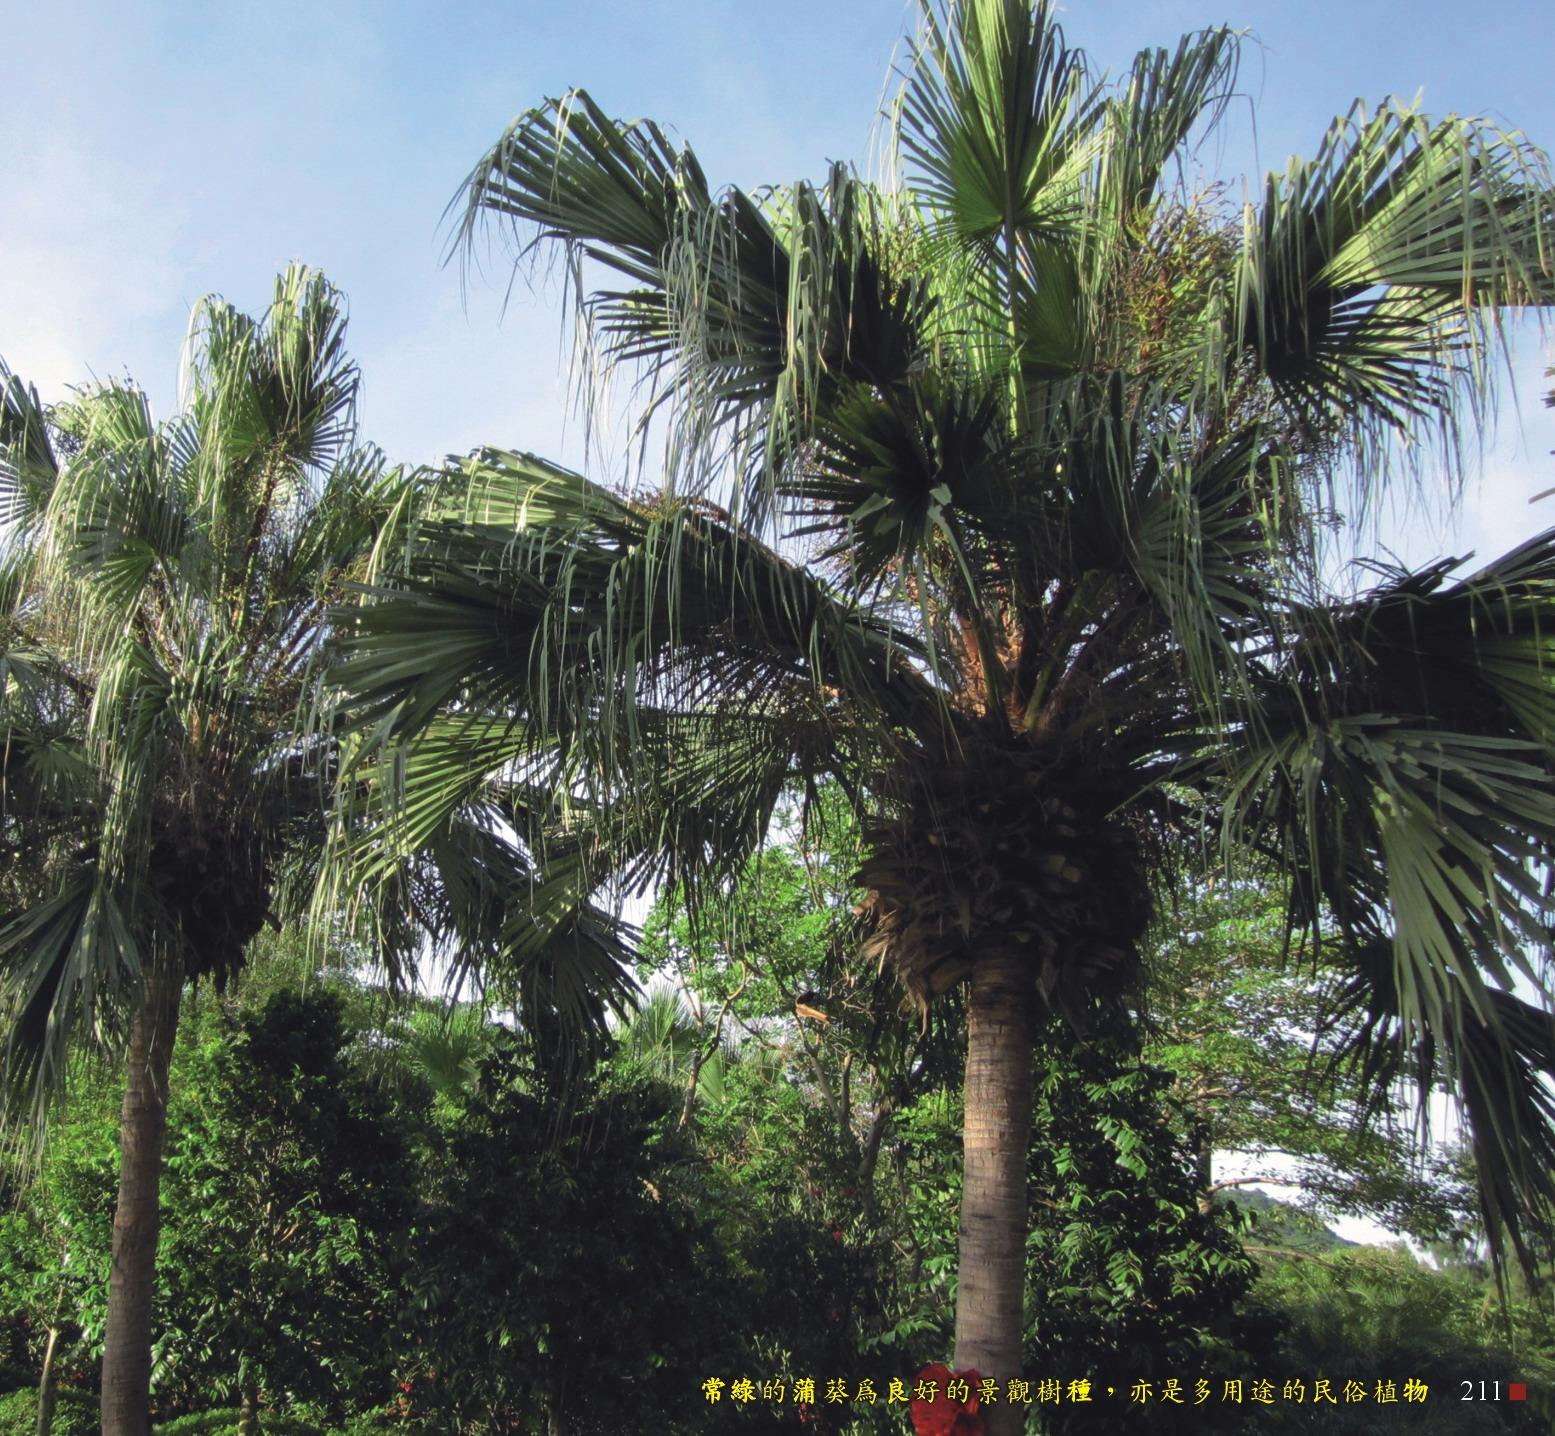 常綠的蒲葵為良好的景觀樹植,亦是多用途的民俗植物